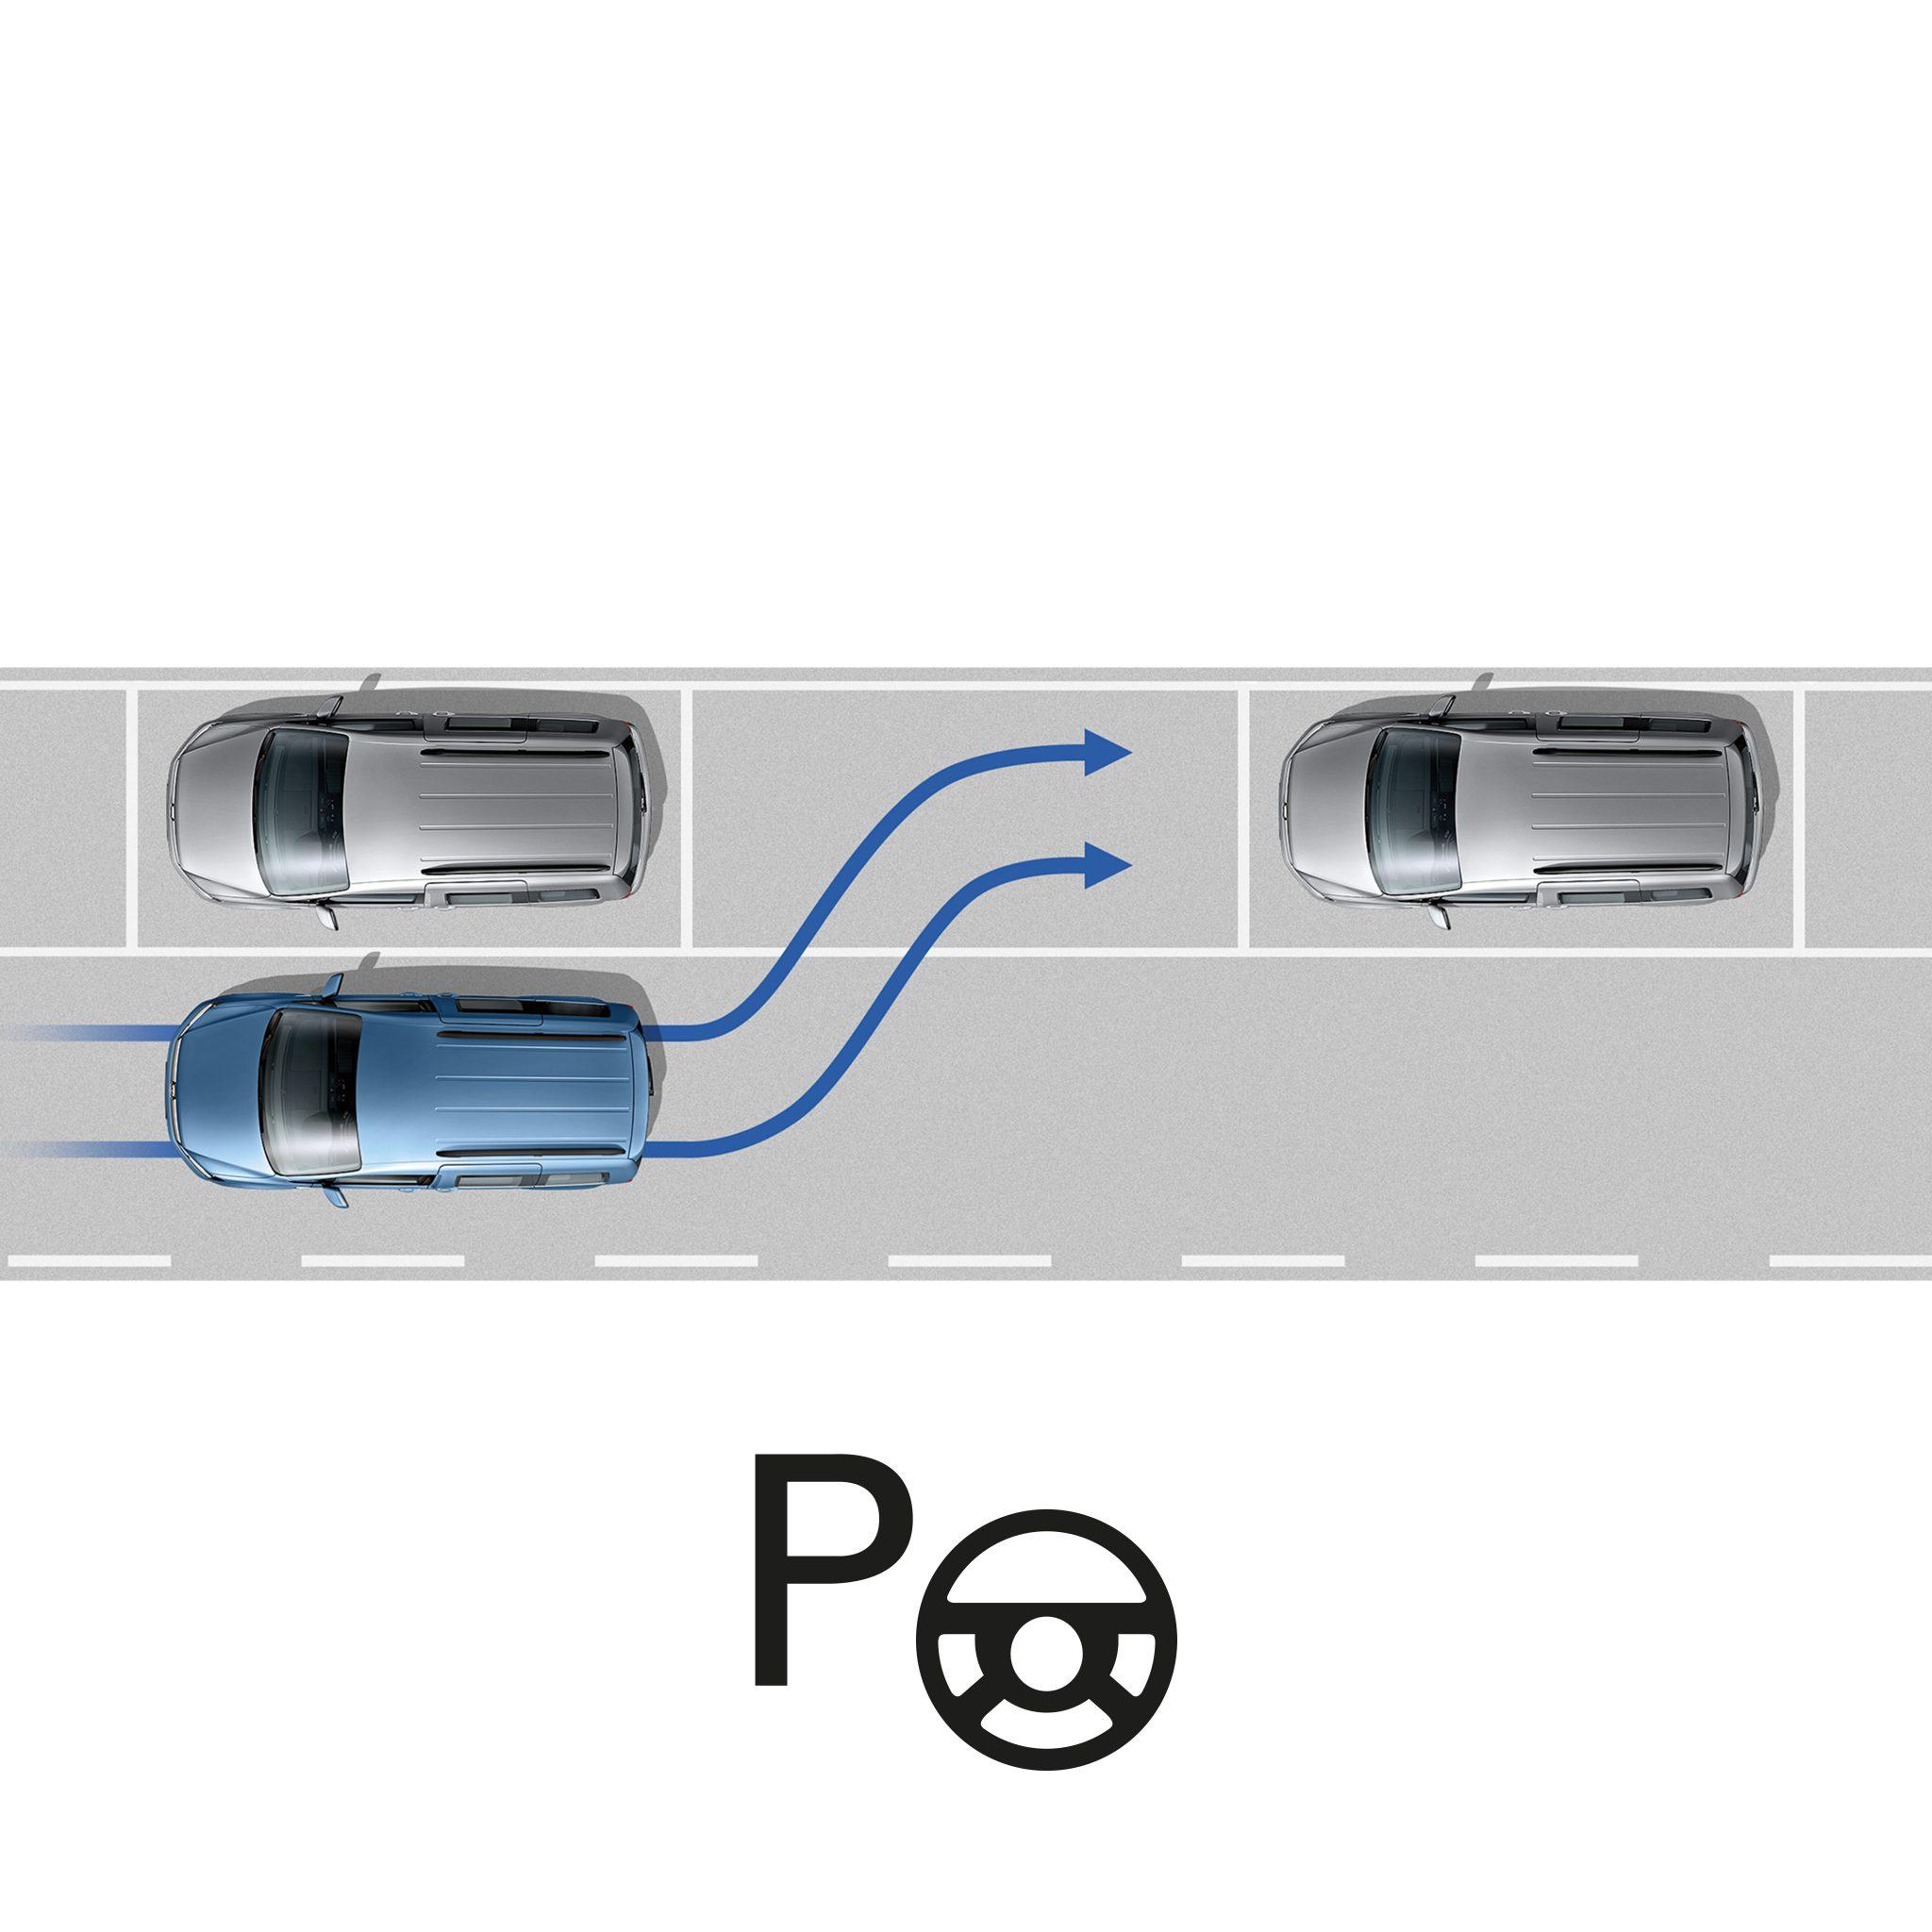 Парковочный автопилот Park Assist Фольксваген Кадди грузовой